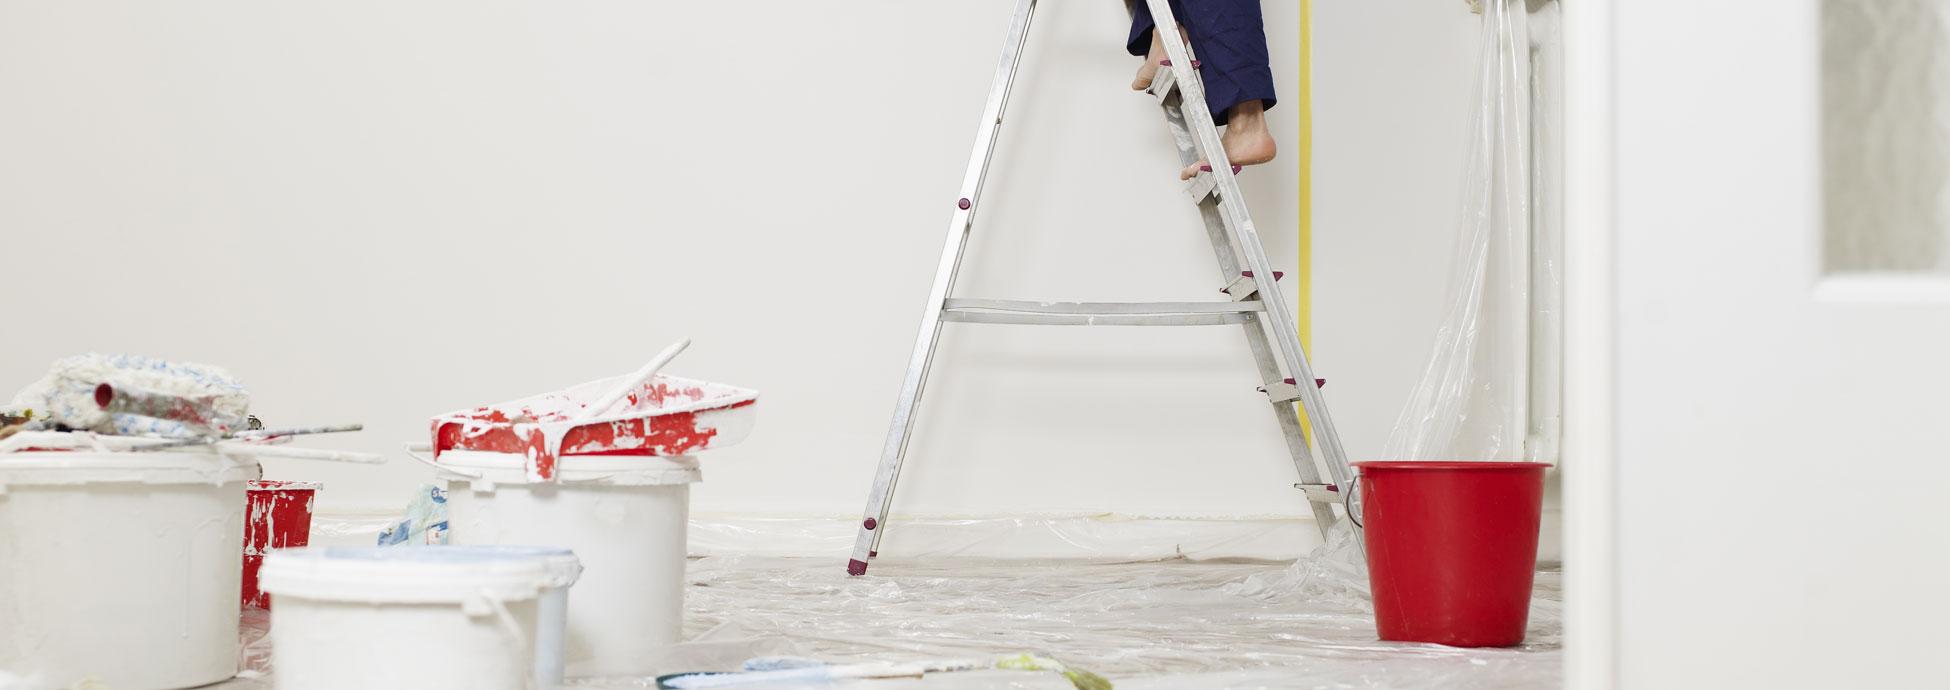 Tippek a KRAUSE feljutást segítő eszközeinek biztonságos használatához